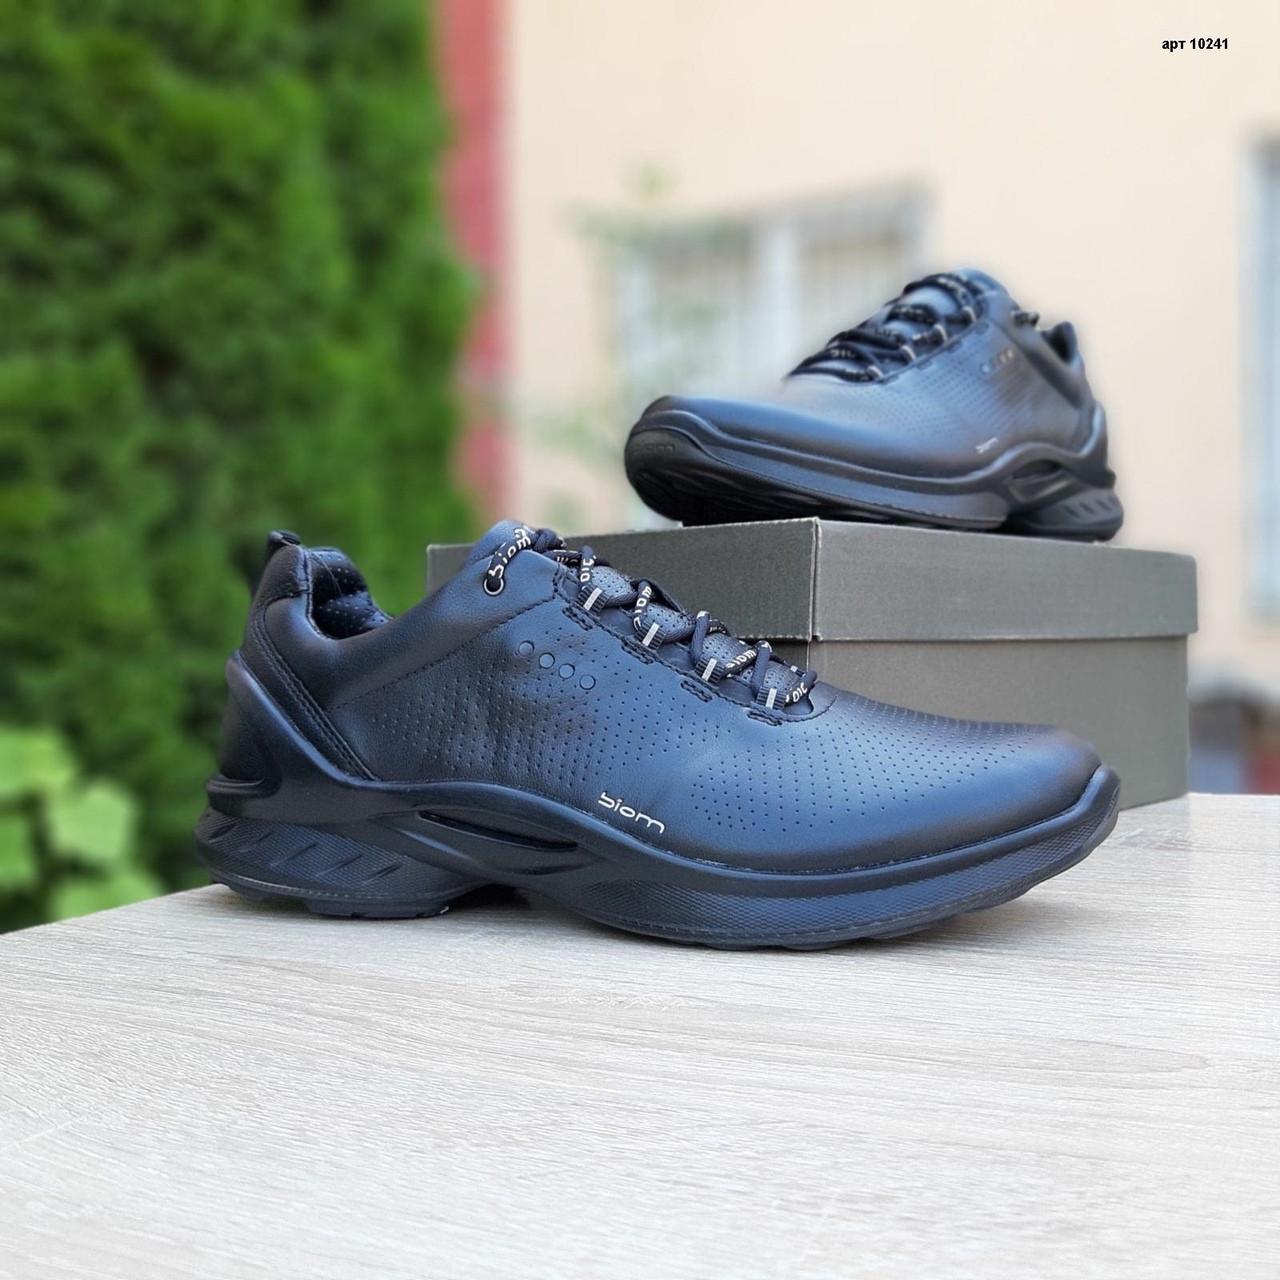 Мужские кроссовки Ecco Biom (черные) 10241